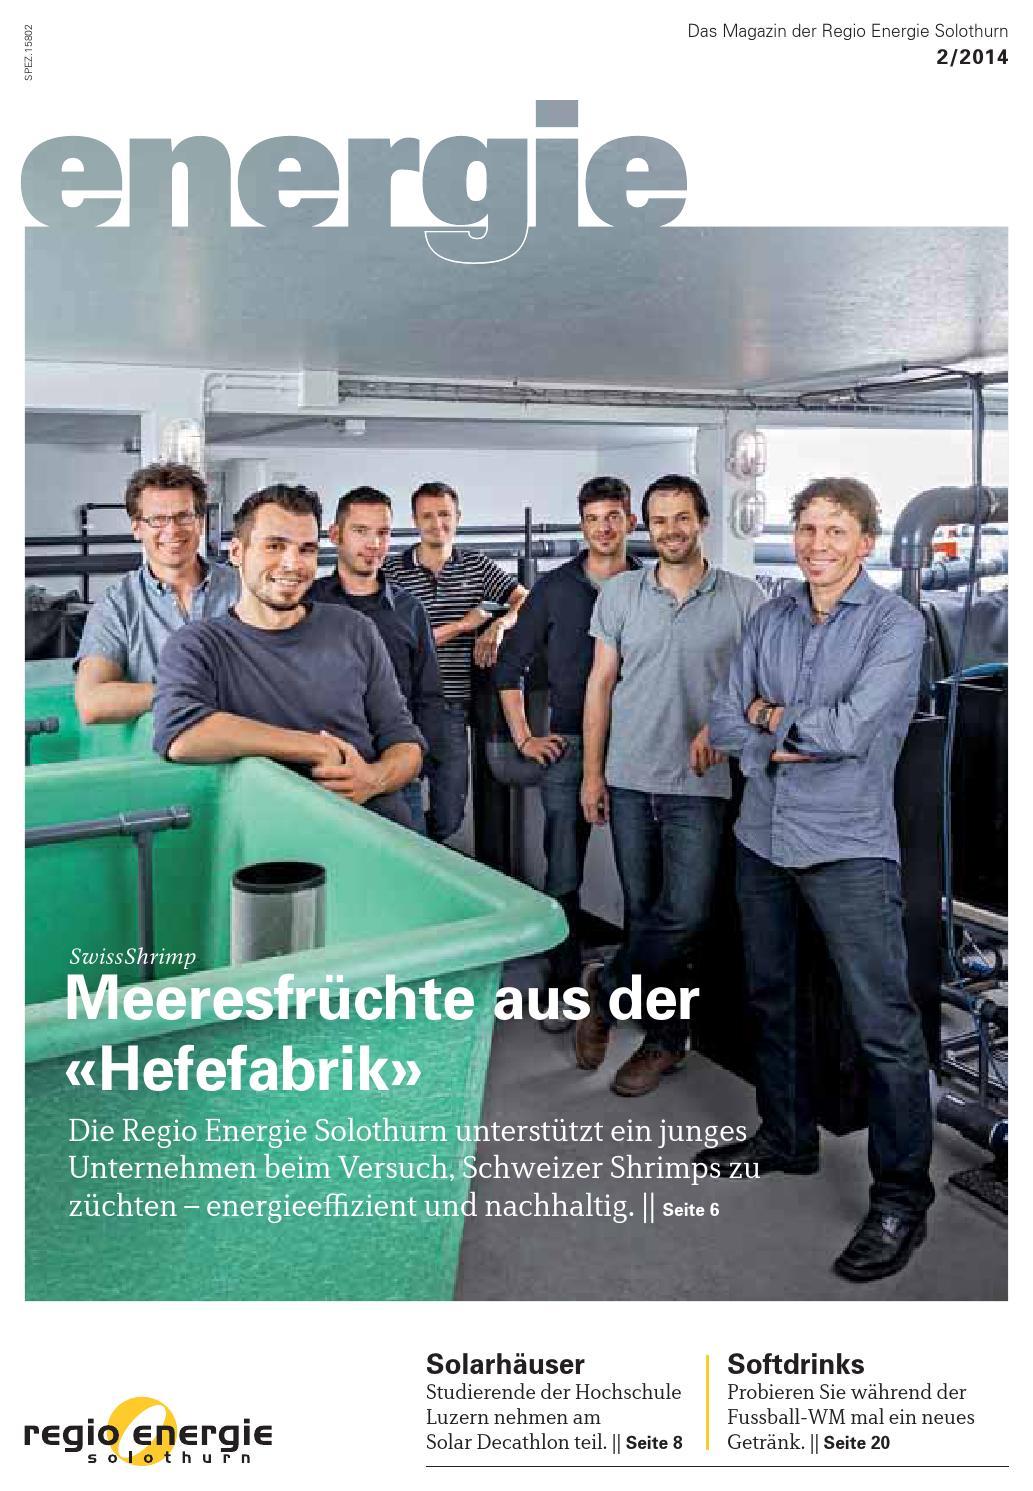 Beste Die Meisten Verdrahteten Gewinner 2013 Ideen - Der Schaltplan ...